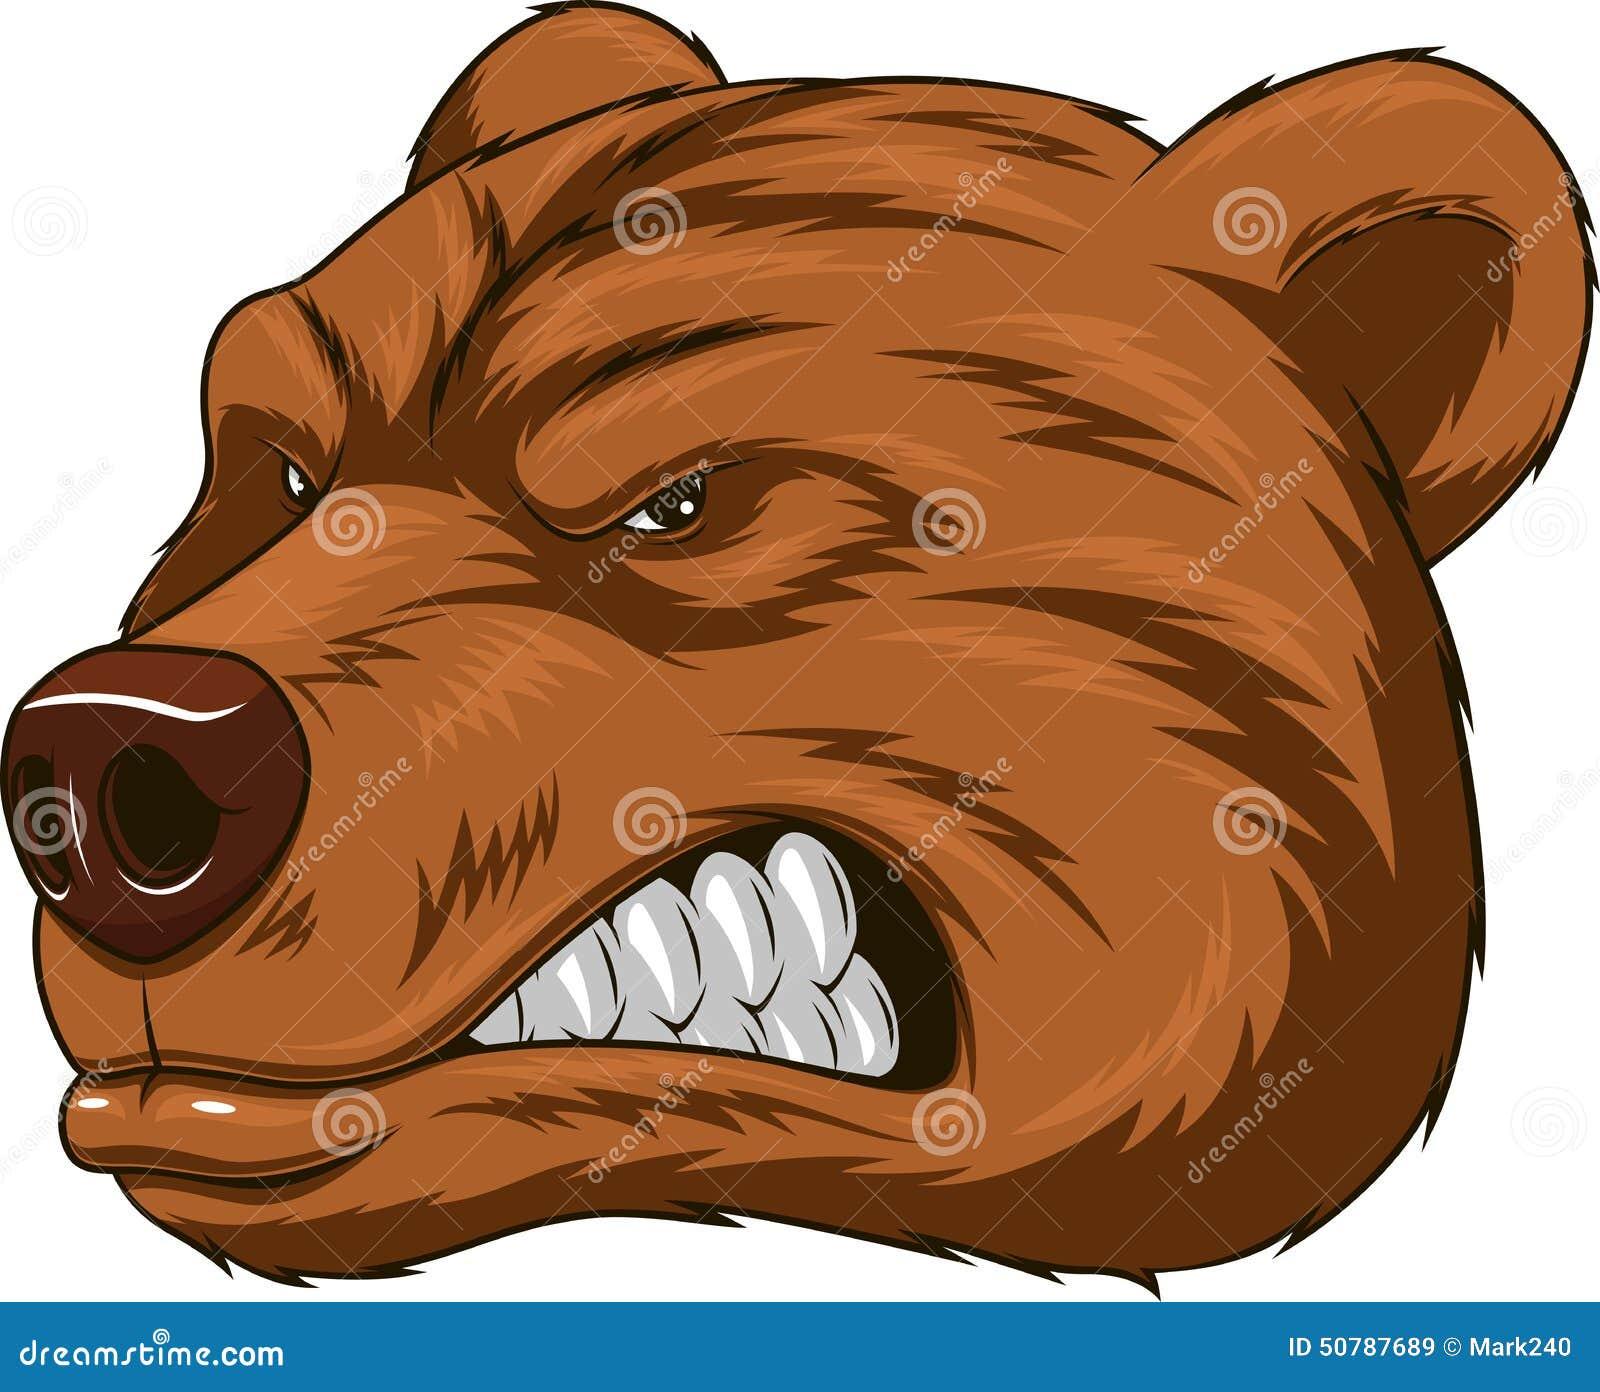 导航例证,恼怒的熊头吉祥人,顶头吉祥人.图片